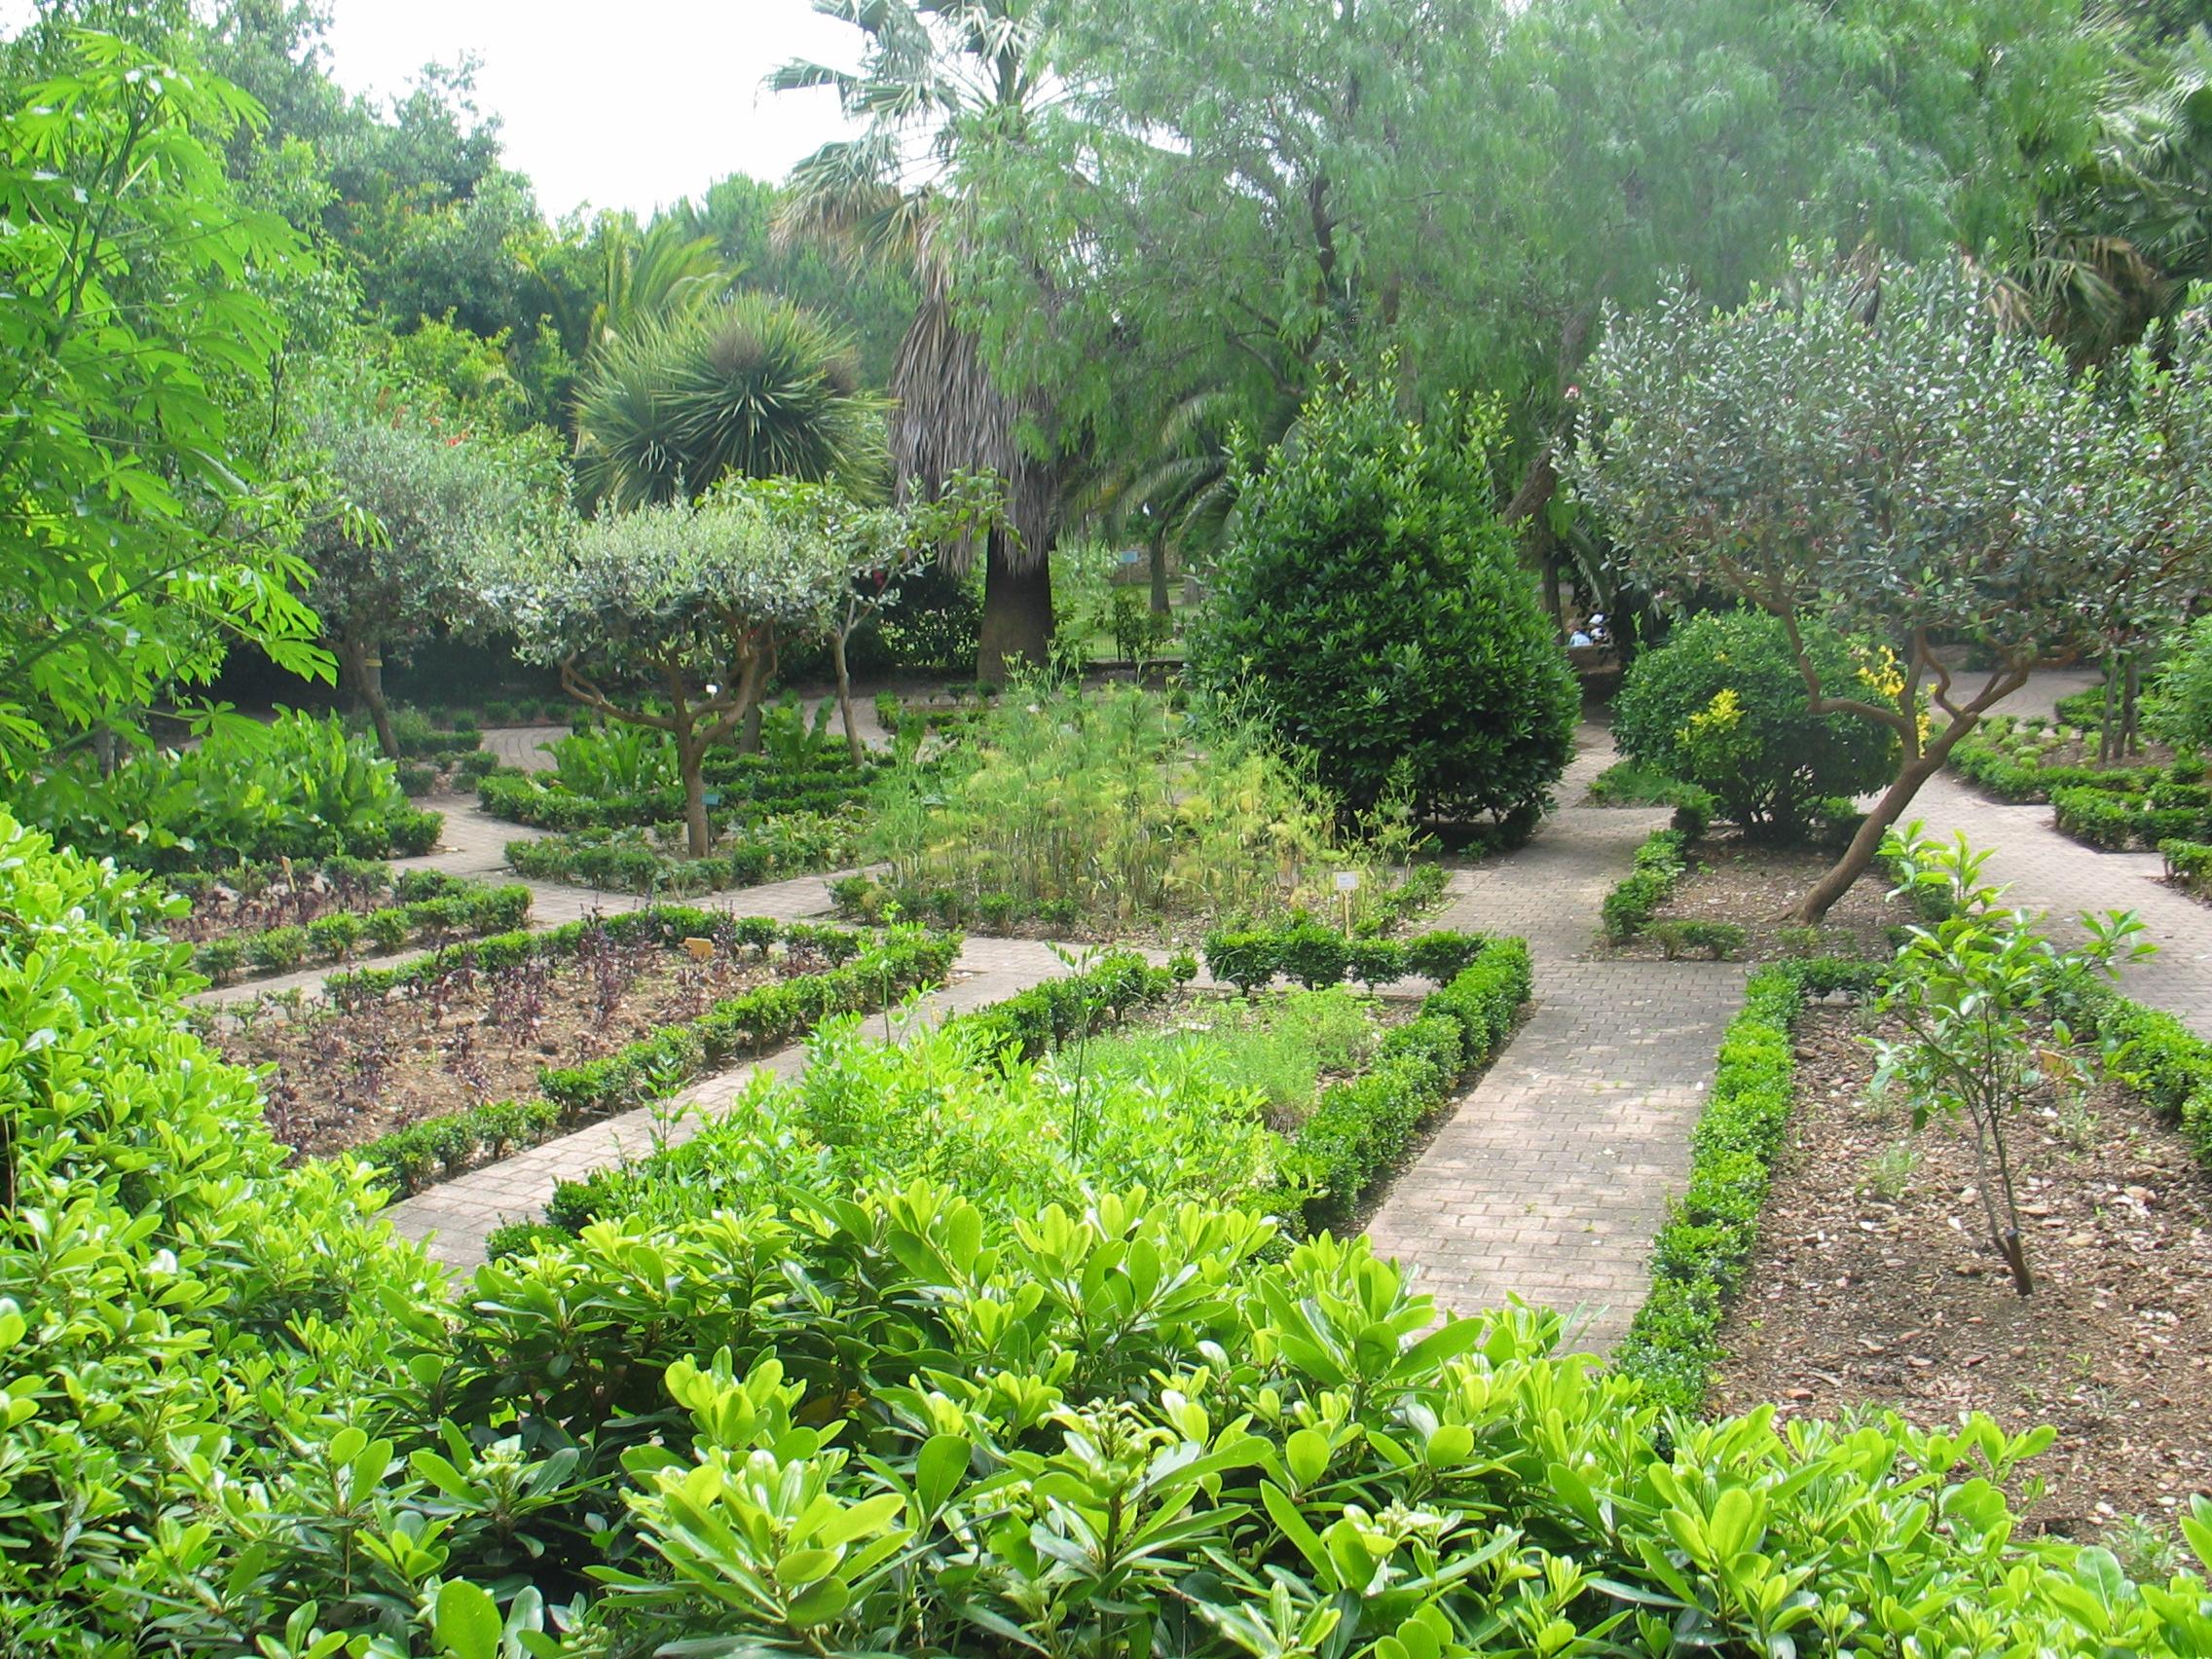 Jardins des plantes aromatiques parc du mugel juin 2008 for Jardin plantes aromatiques